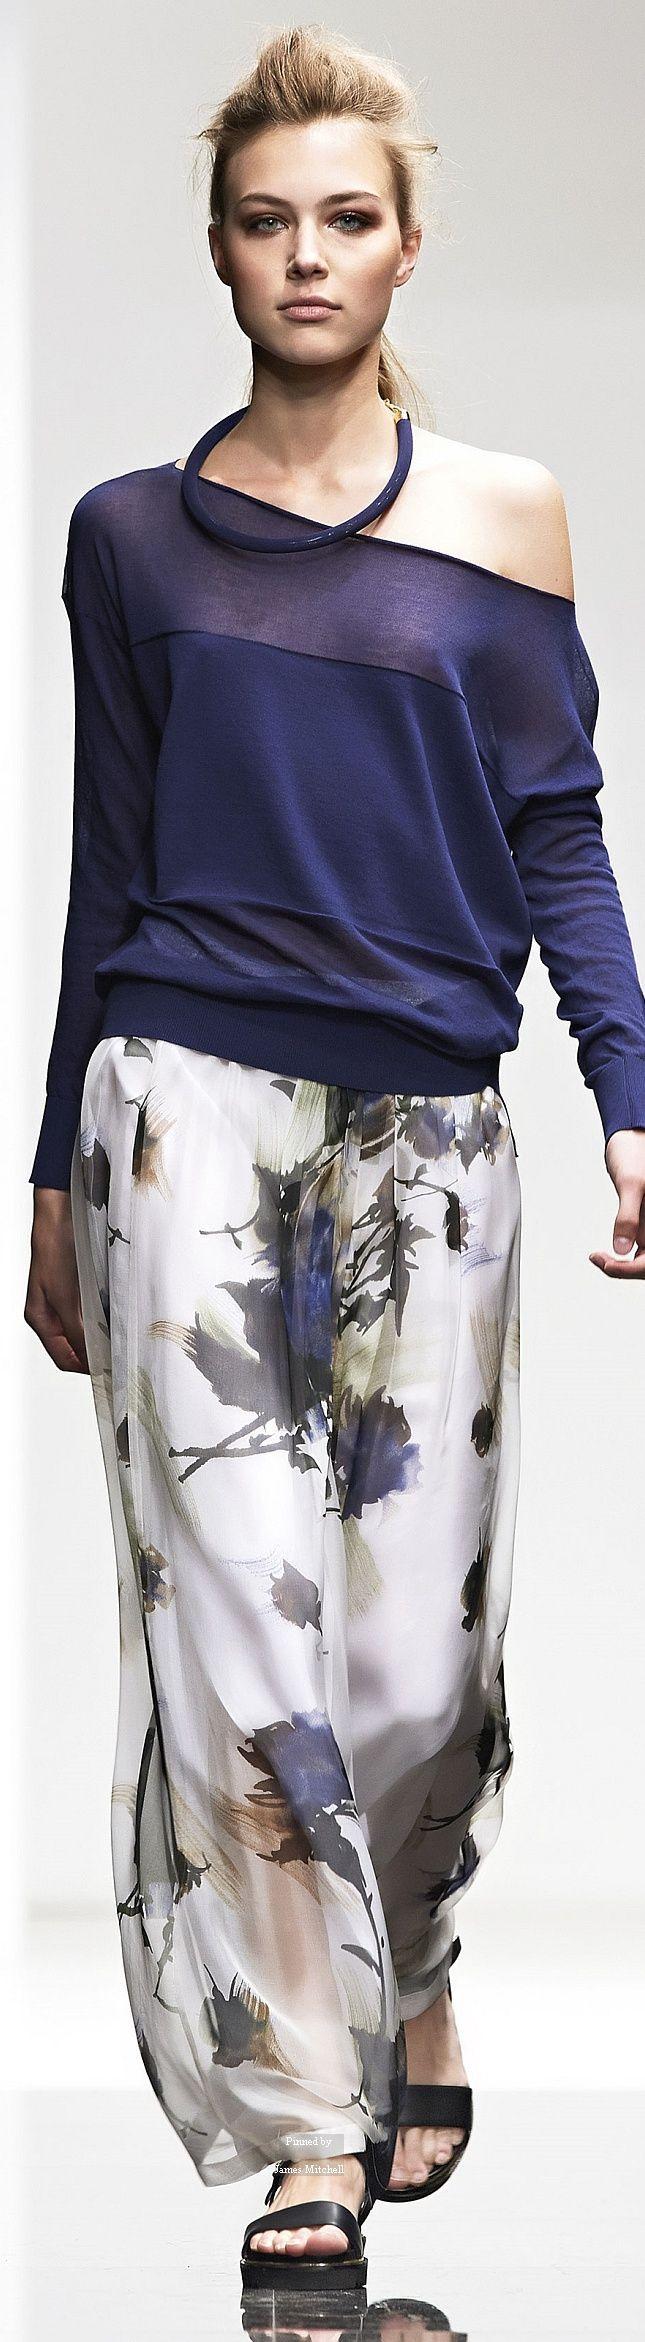 Восхитительно смотрятся широкие пижамные брюки с цветочным рисунком. Вообще одежда в пижамном стиле бывает однотонной или с яркими принтами: этническими, растительными или геометрическими.Found on pinterest.com